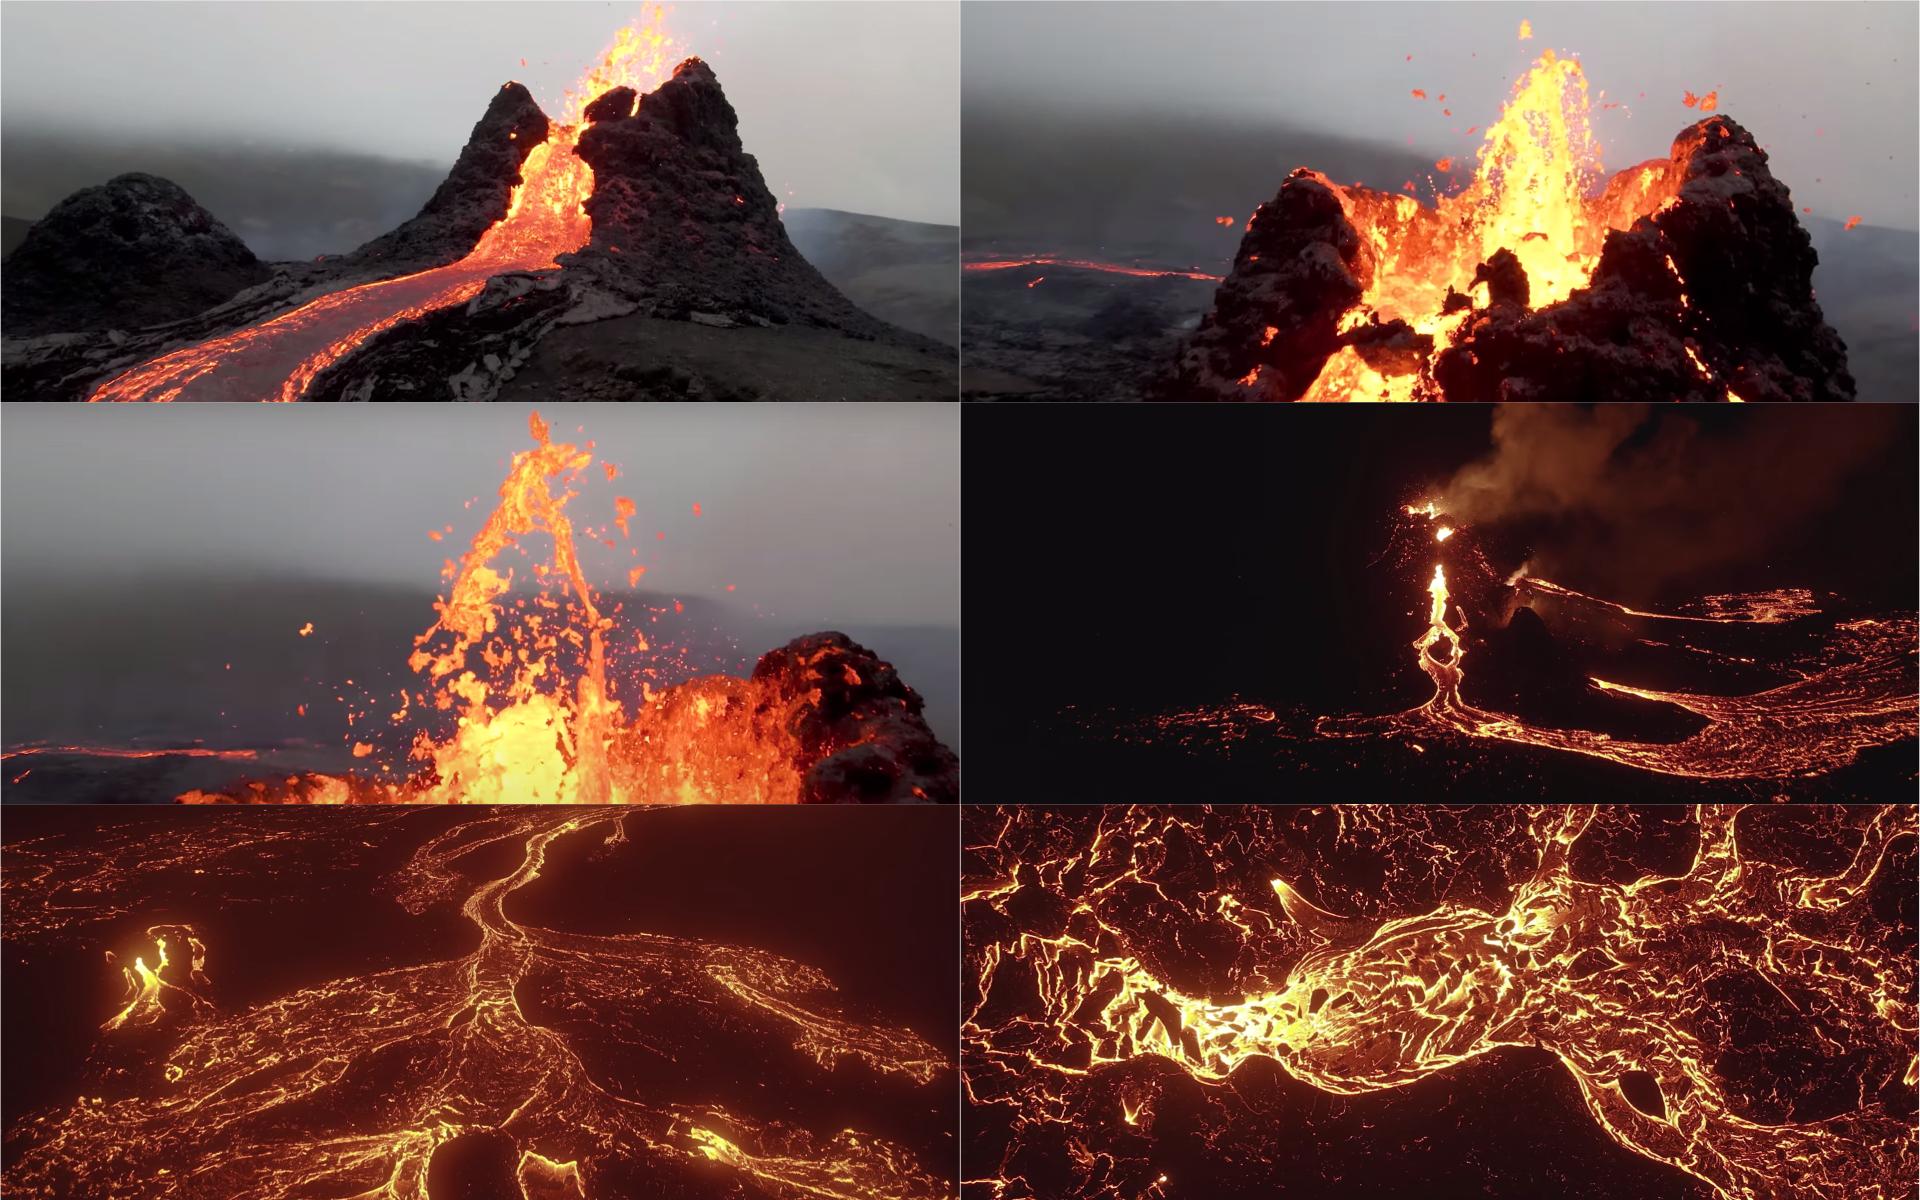 震撼! 空拍冰島火山噴發 極近距離捕捉火山口熔岩翻滾濺出